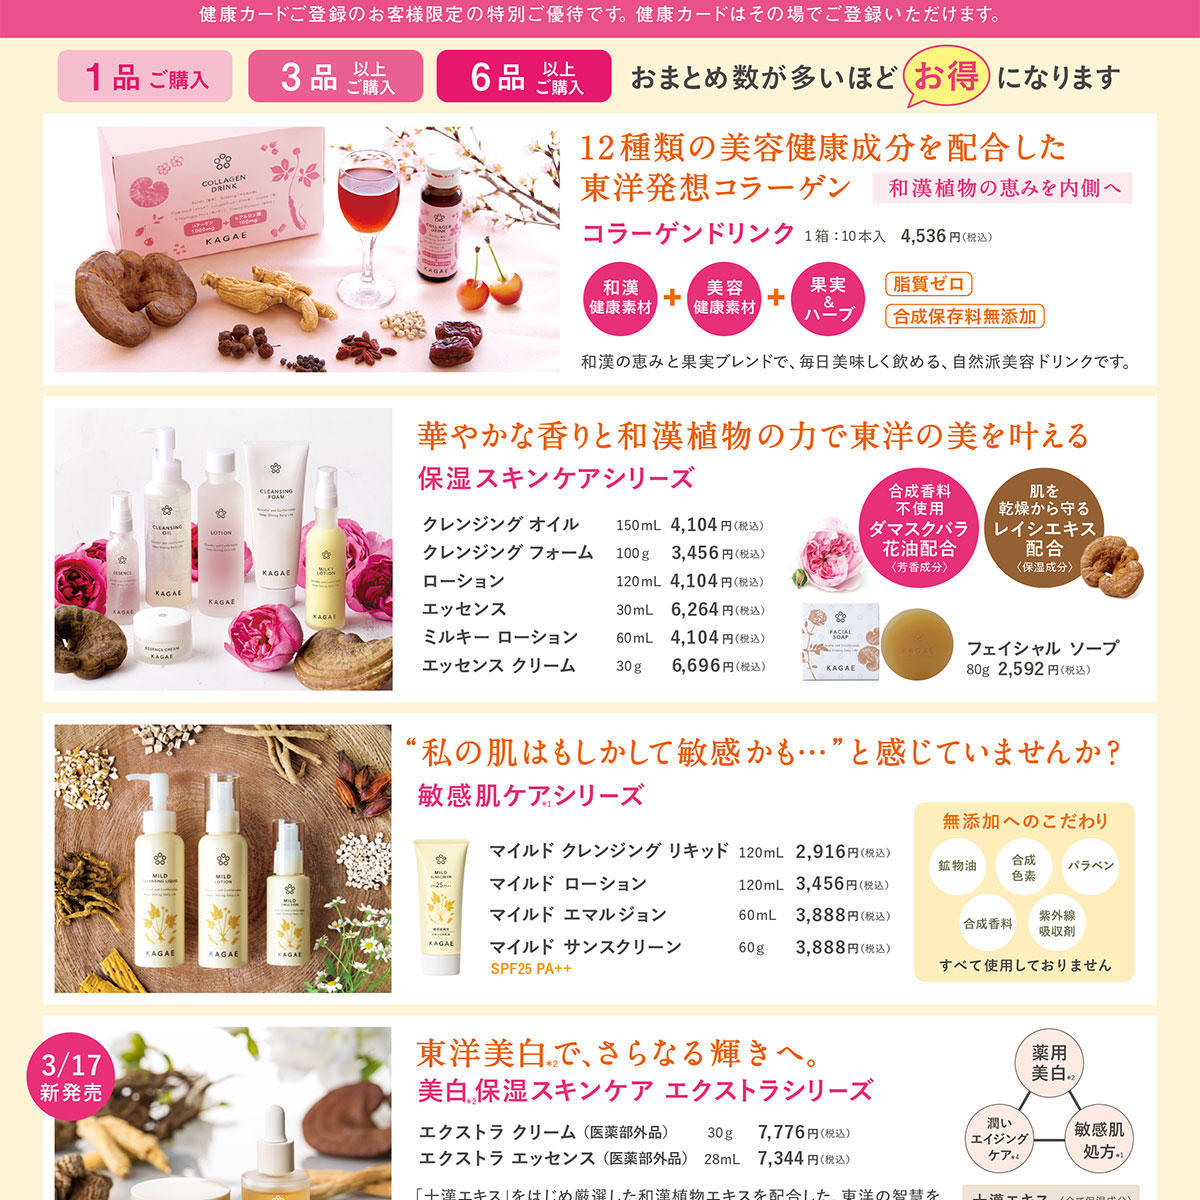 【特別ご優待】春の美容&健康フェア